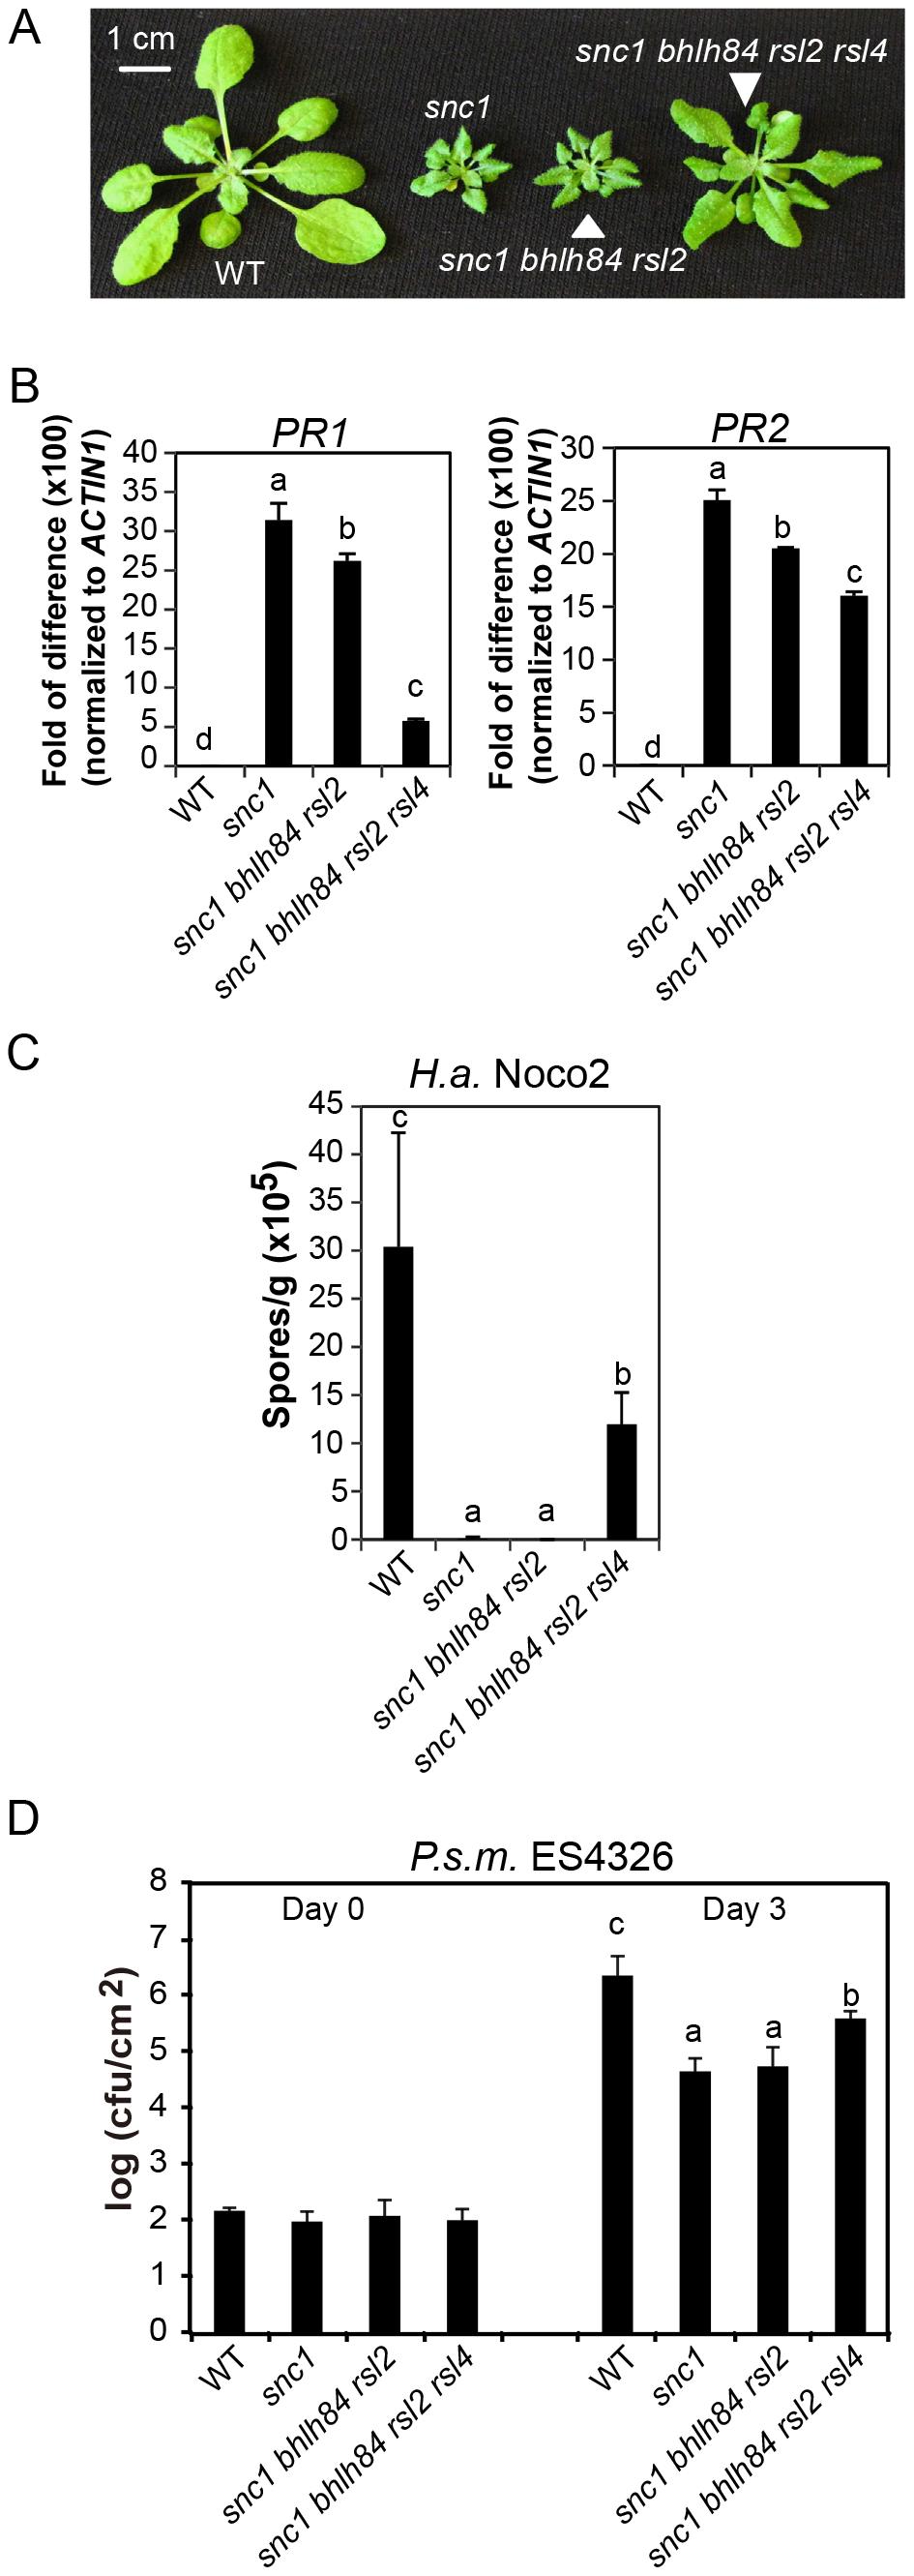 <i>bhlh84 rsl2 rsl4</i> partially suppresses the autoimmunity of <i>snc1</i>.